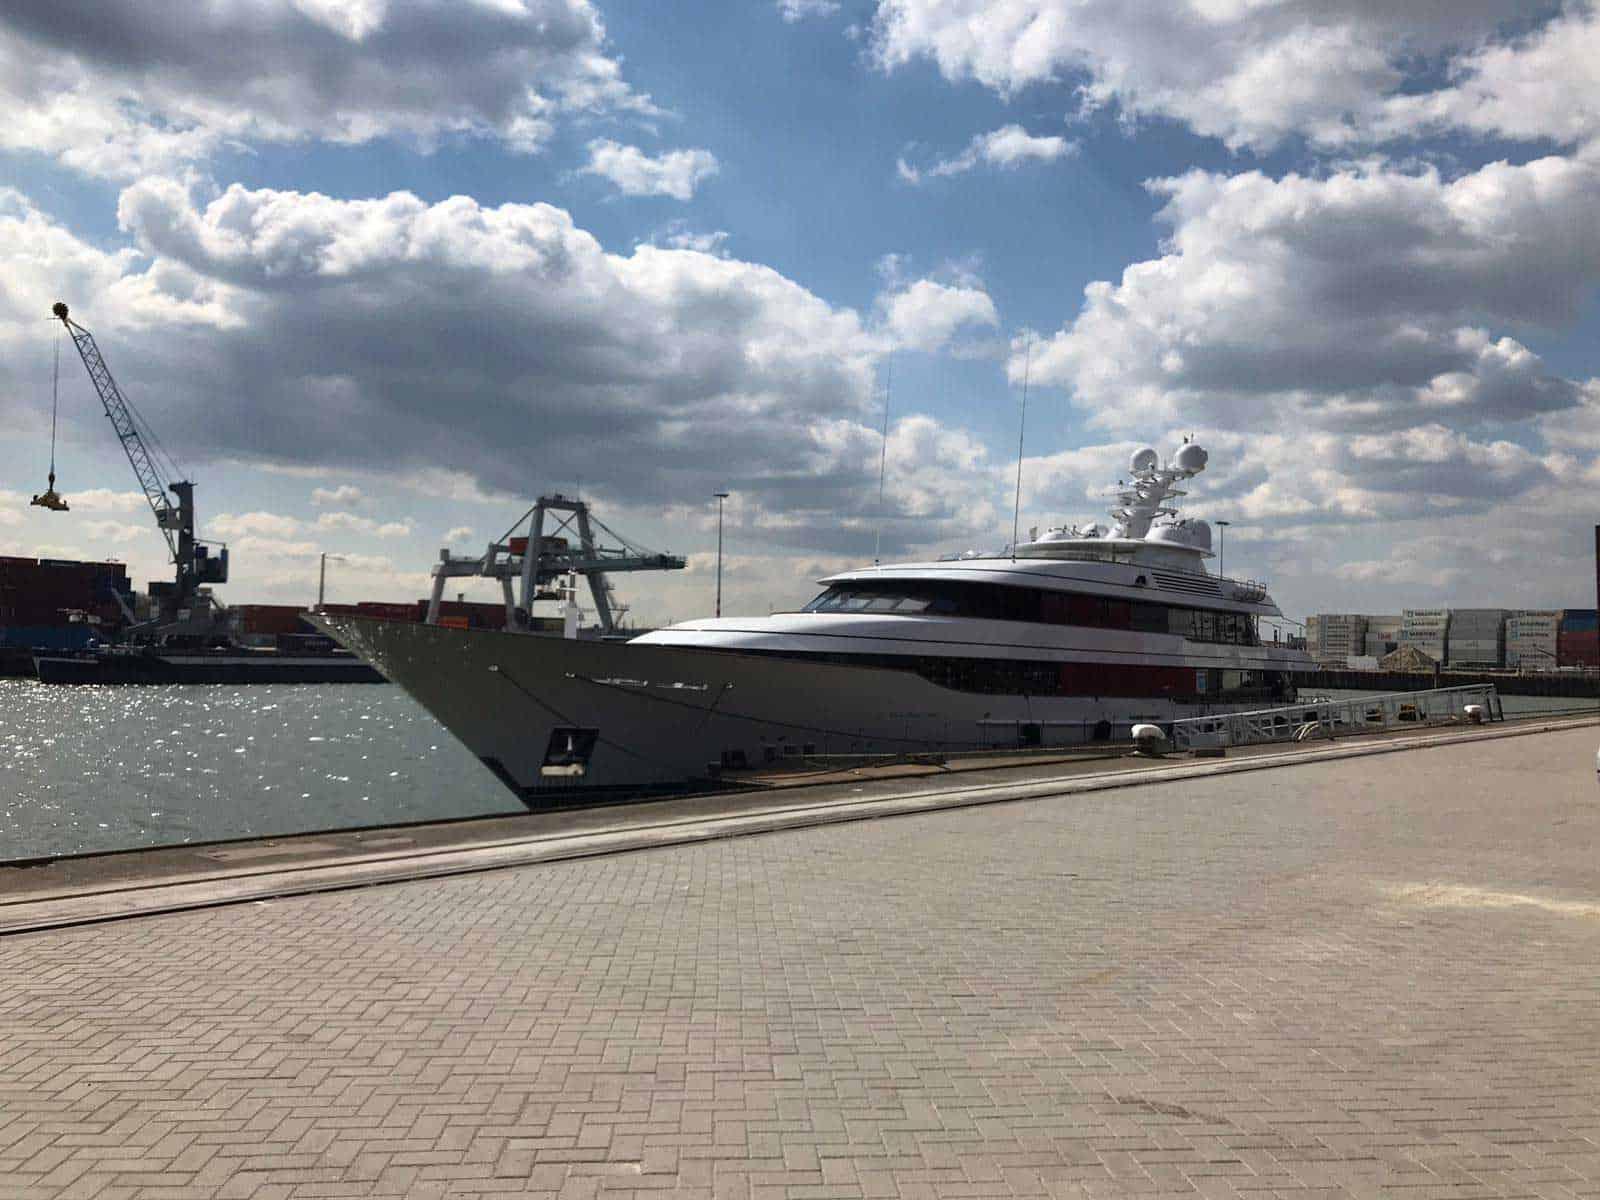 https://bridges2000.es/wp-content/uploads/2021/05/bridges2000-project-yacht-gangway-2019-04.jpg